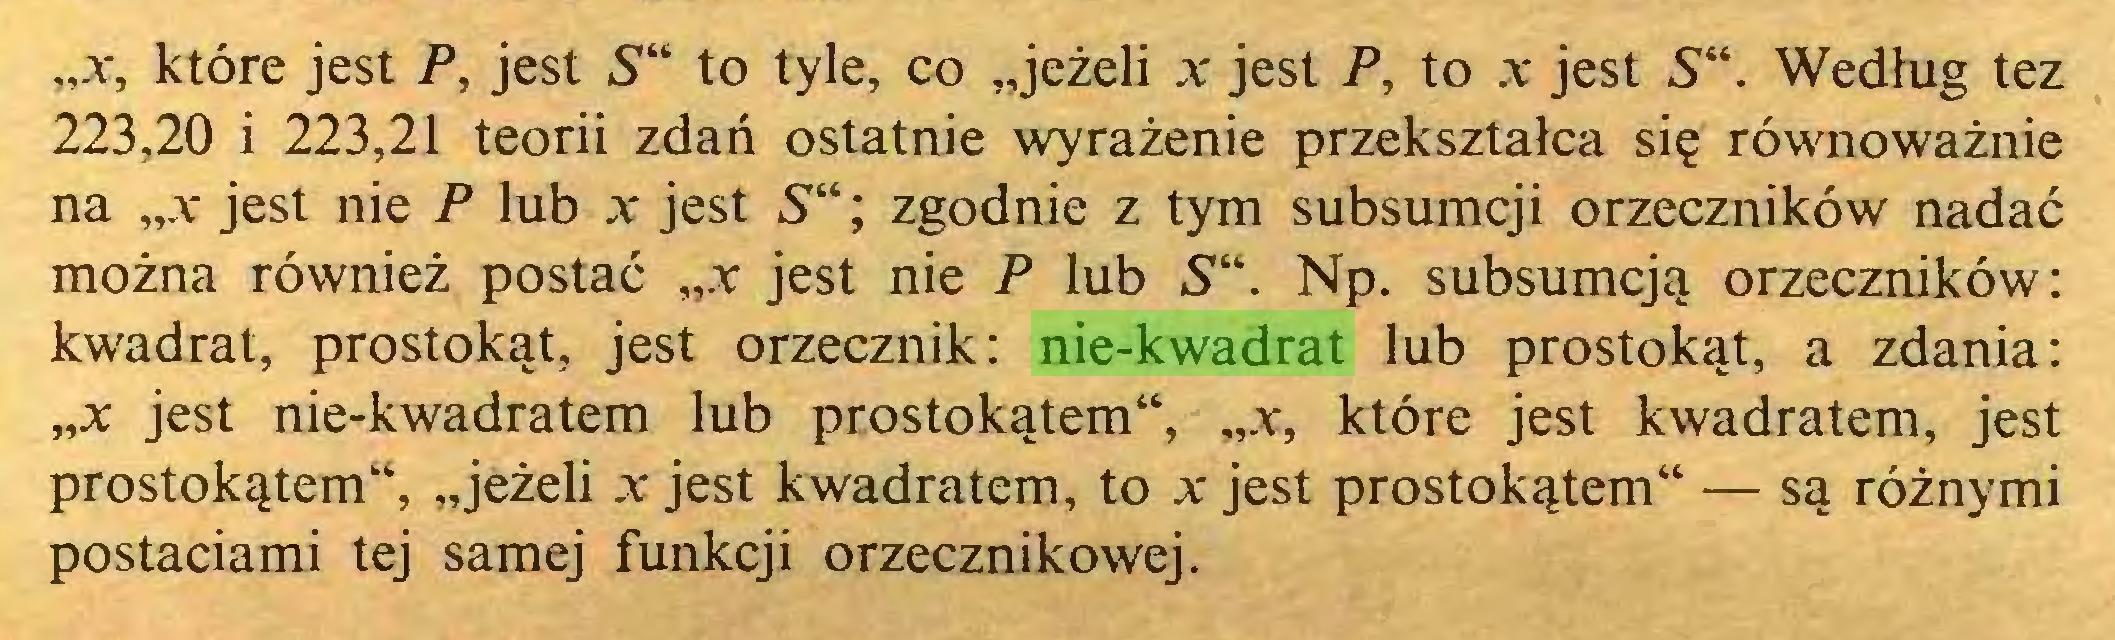 """(...) """"x, które jest P, jest 5"""" to tyle, co """"jeżeli jc jest P, to jc jest S"""". Według tez 223,20 i 223,21 teorii zdań ostatnie wyrażenie przekształca się równoważnie na """"a* jest nie P lub jc jest 5""""; zgodnie z tym subsumcji orzeczników nadać można również postać """"x jest nie P lub S"""". Np. subsumcją orzeczników: kwadrat, prostokąt, jest orzecznik: nie-kwadrat lub prostokąt, a zdania: ,,x jest nie-kwadratem lub prostokątem"""", """"a, które jest kwadratem, jest prostokątem"""", """"jeżeli a jest kwadratem, to a jest prostokątem"""" — są różnymi postaciami tej samej funkcji orzecznikowej..."""